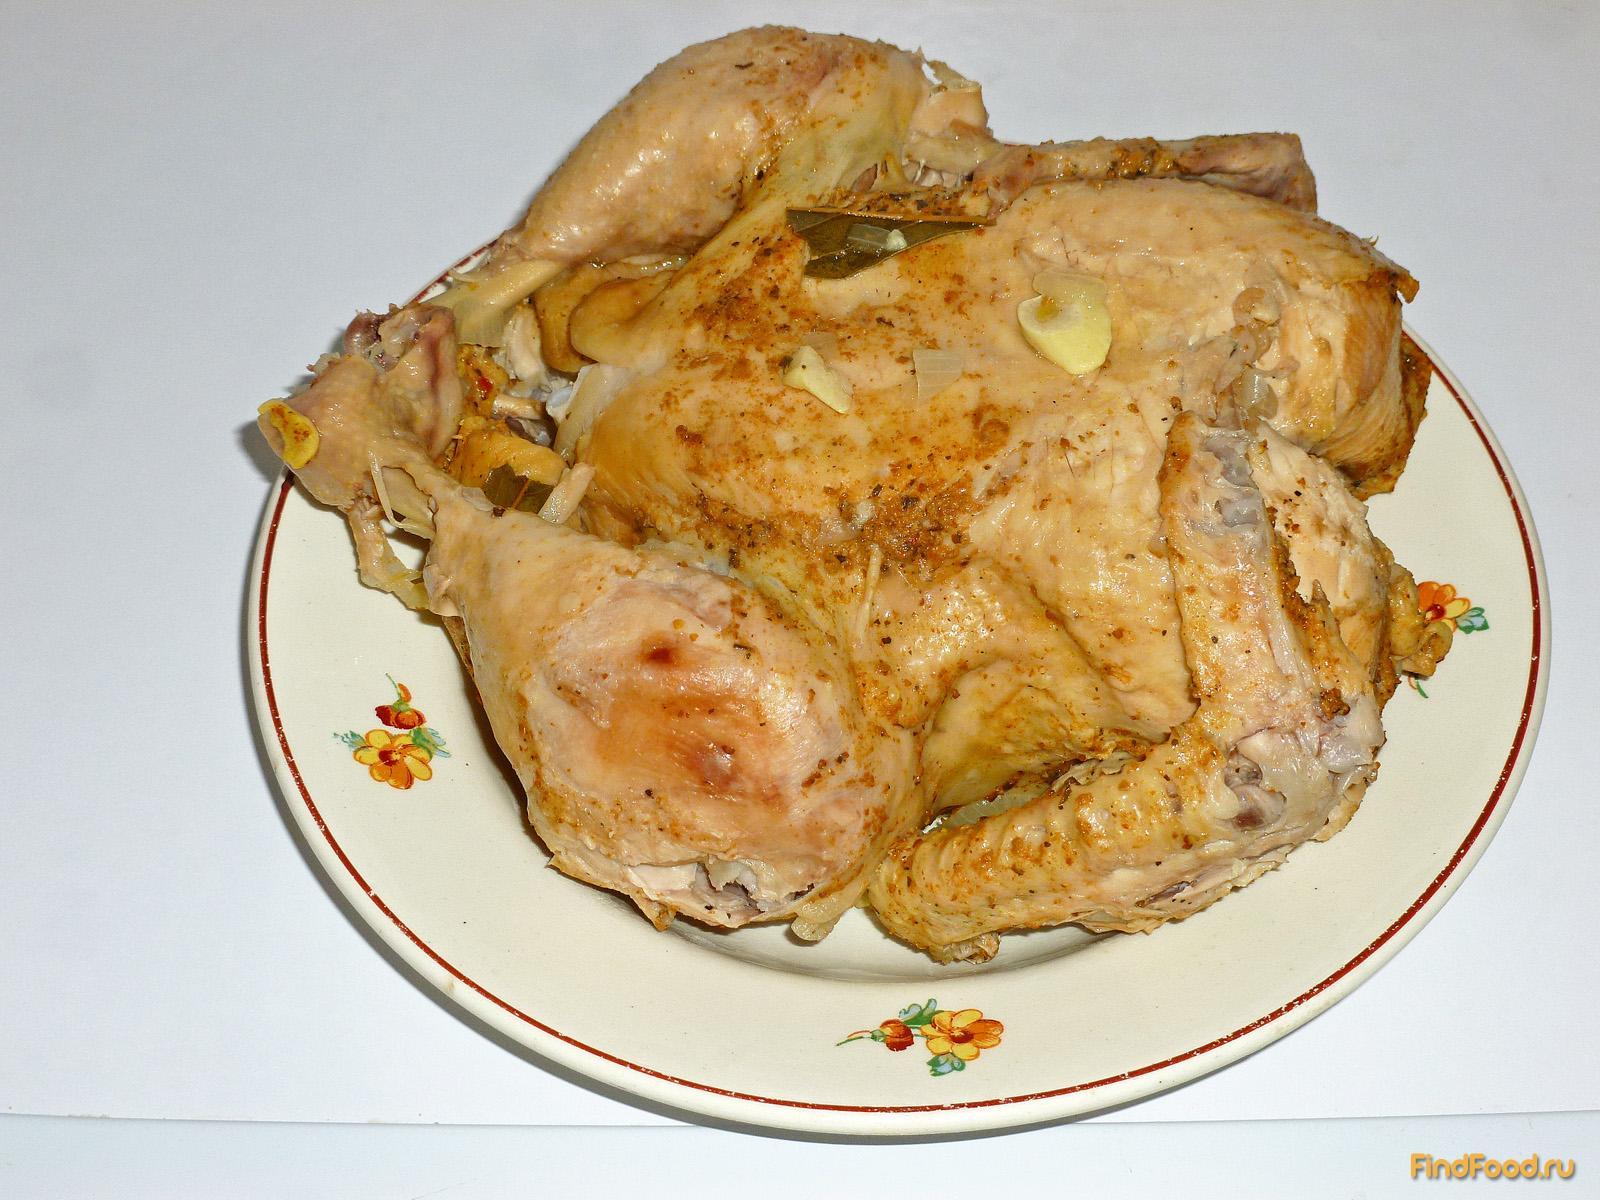 Пошаговый фото рецепт курицы в рукаве с картошкой